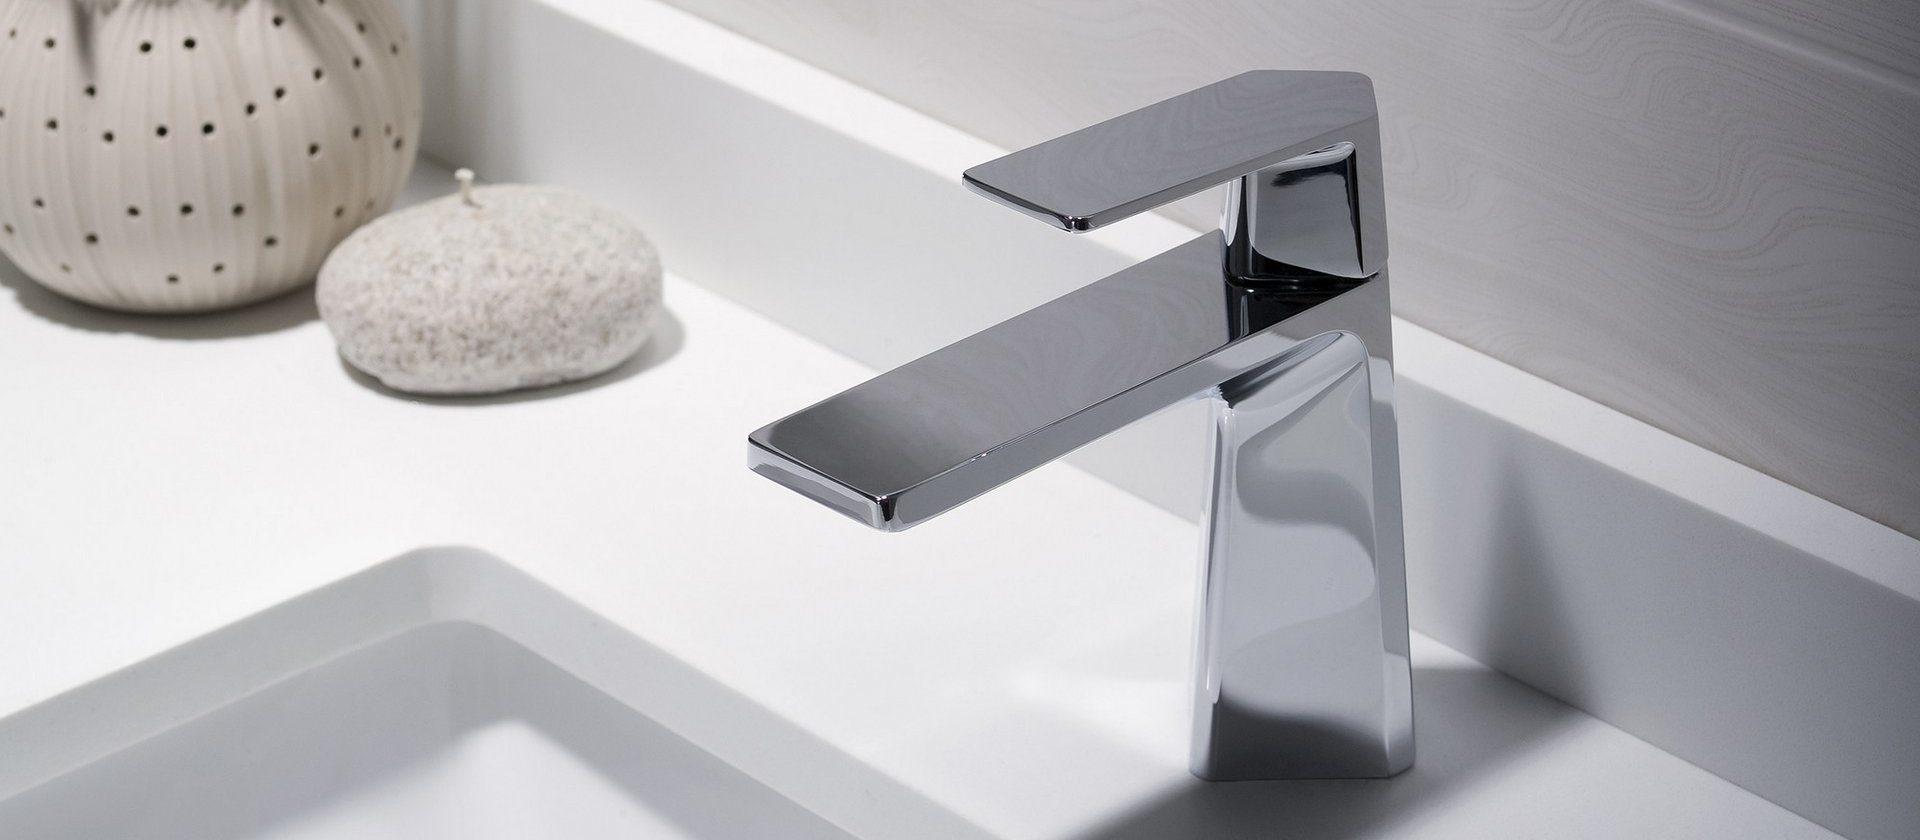 ncp-plumbing-e1465208464576